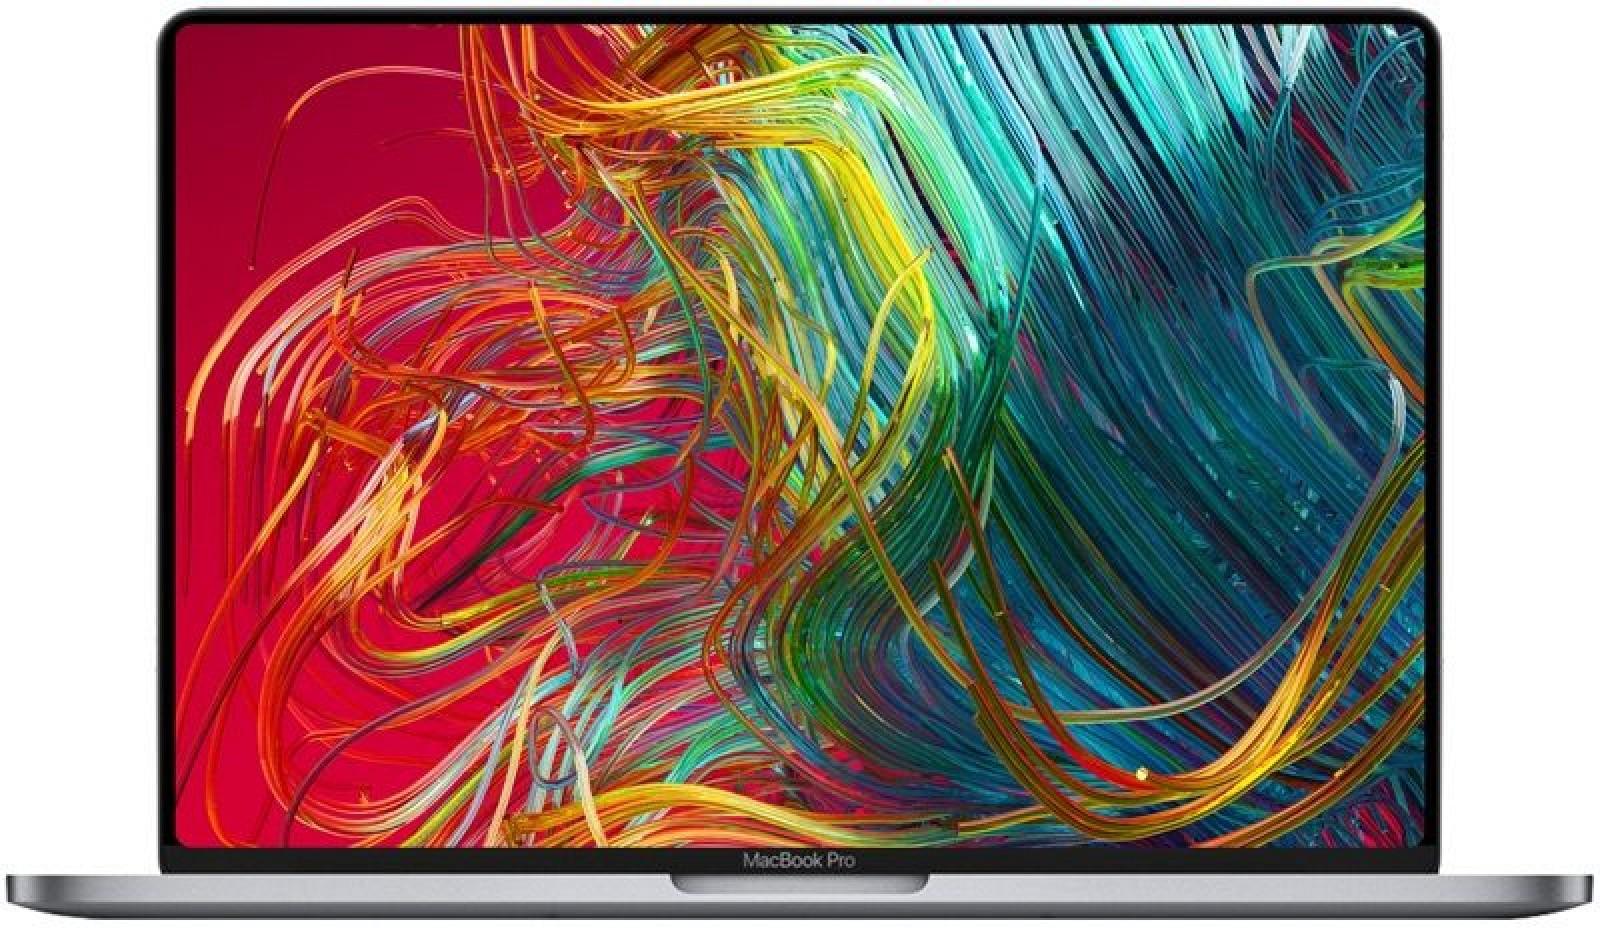 lightroom macbook pro specs